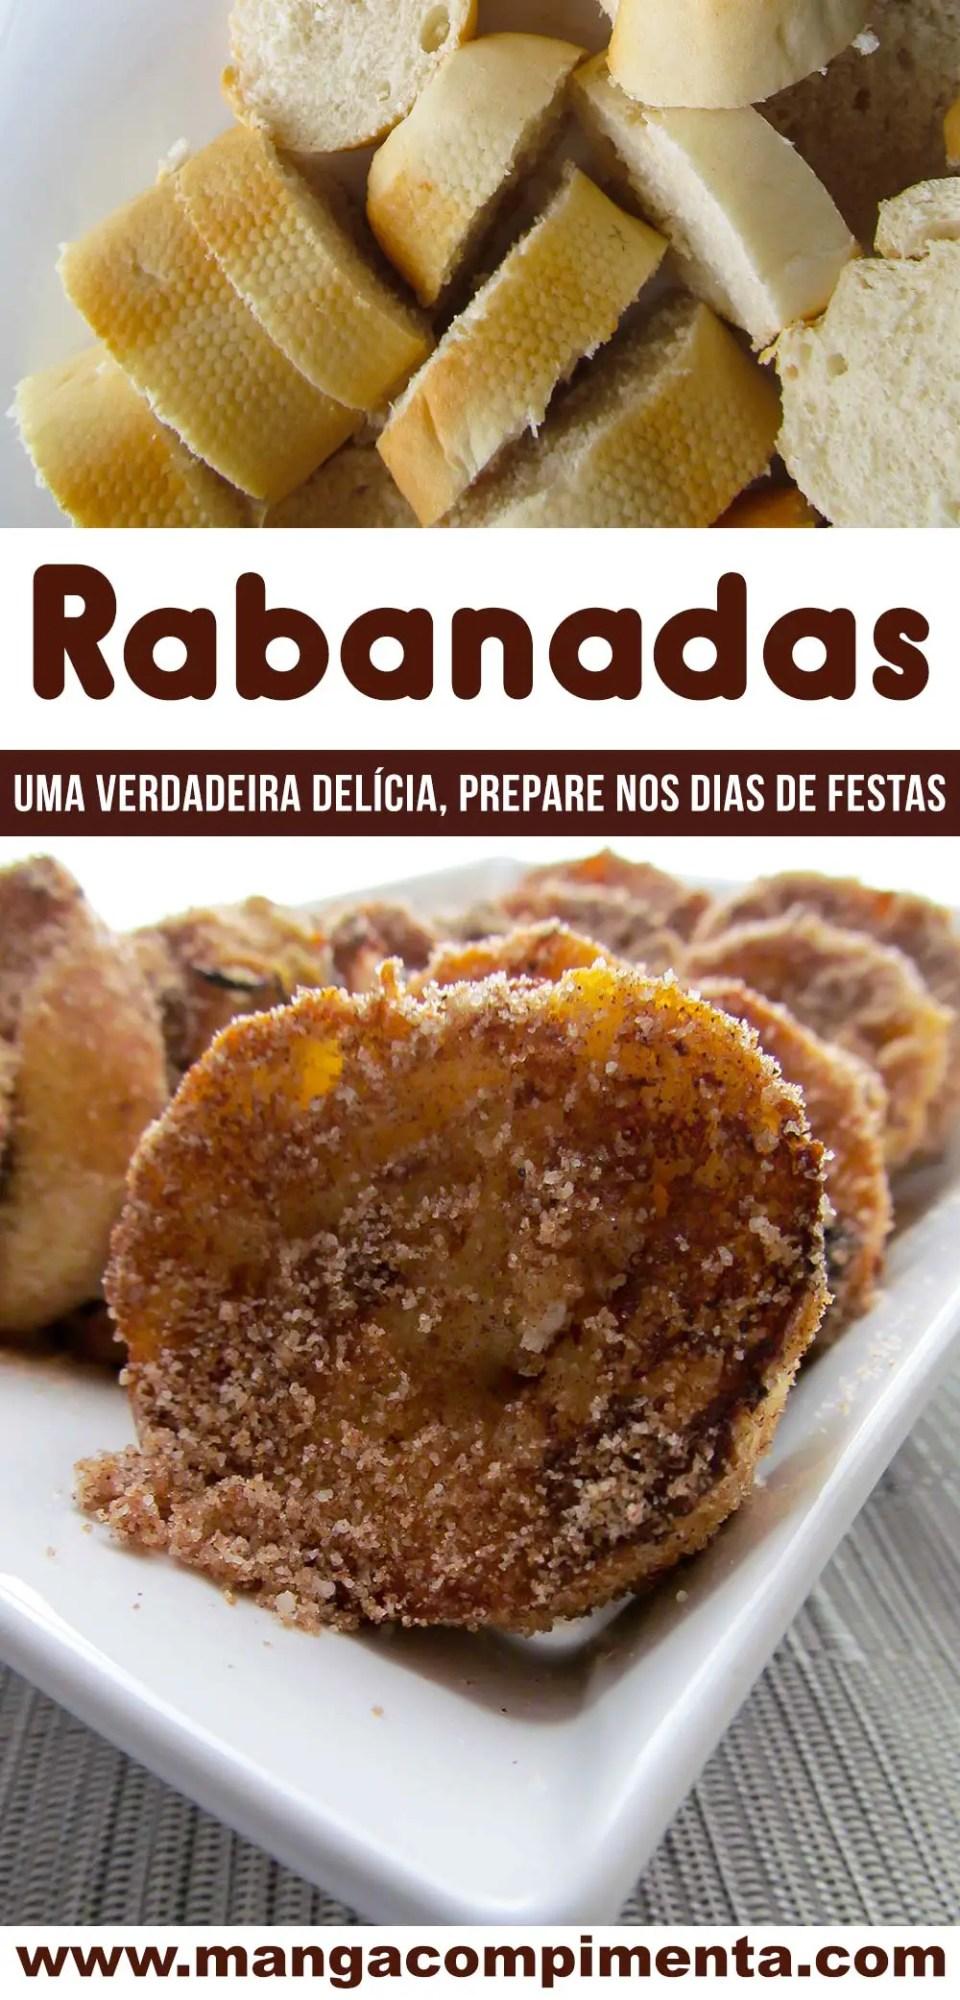 Rabanadas - um clássico natalino, veja como preparar!